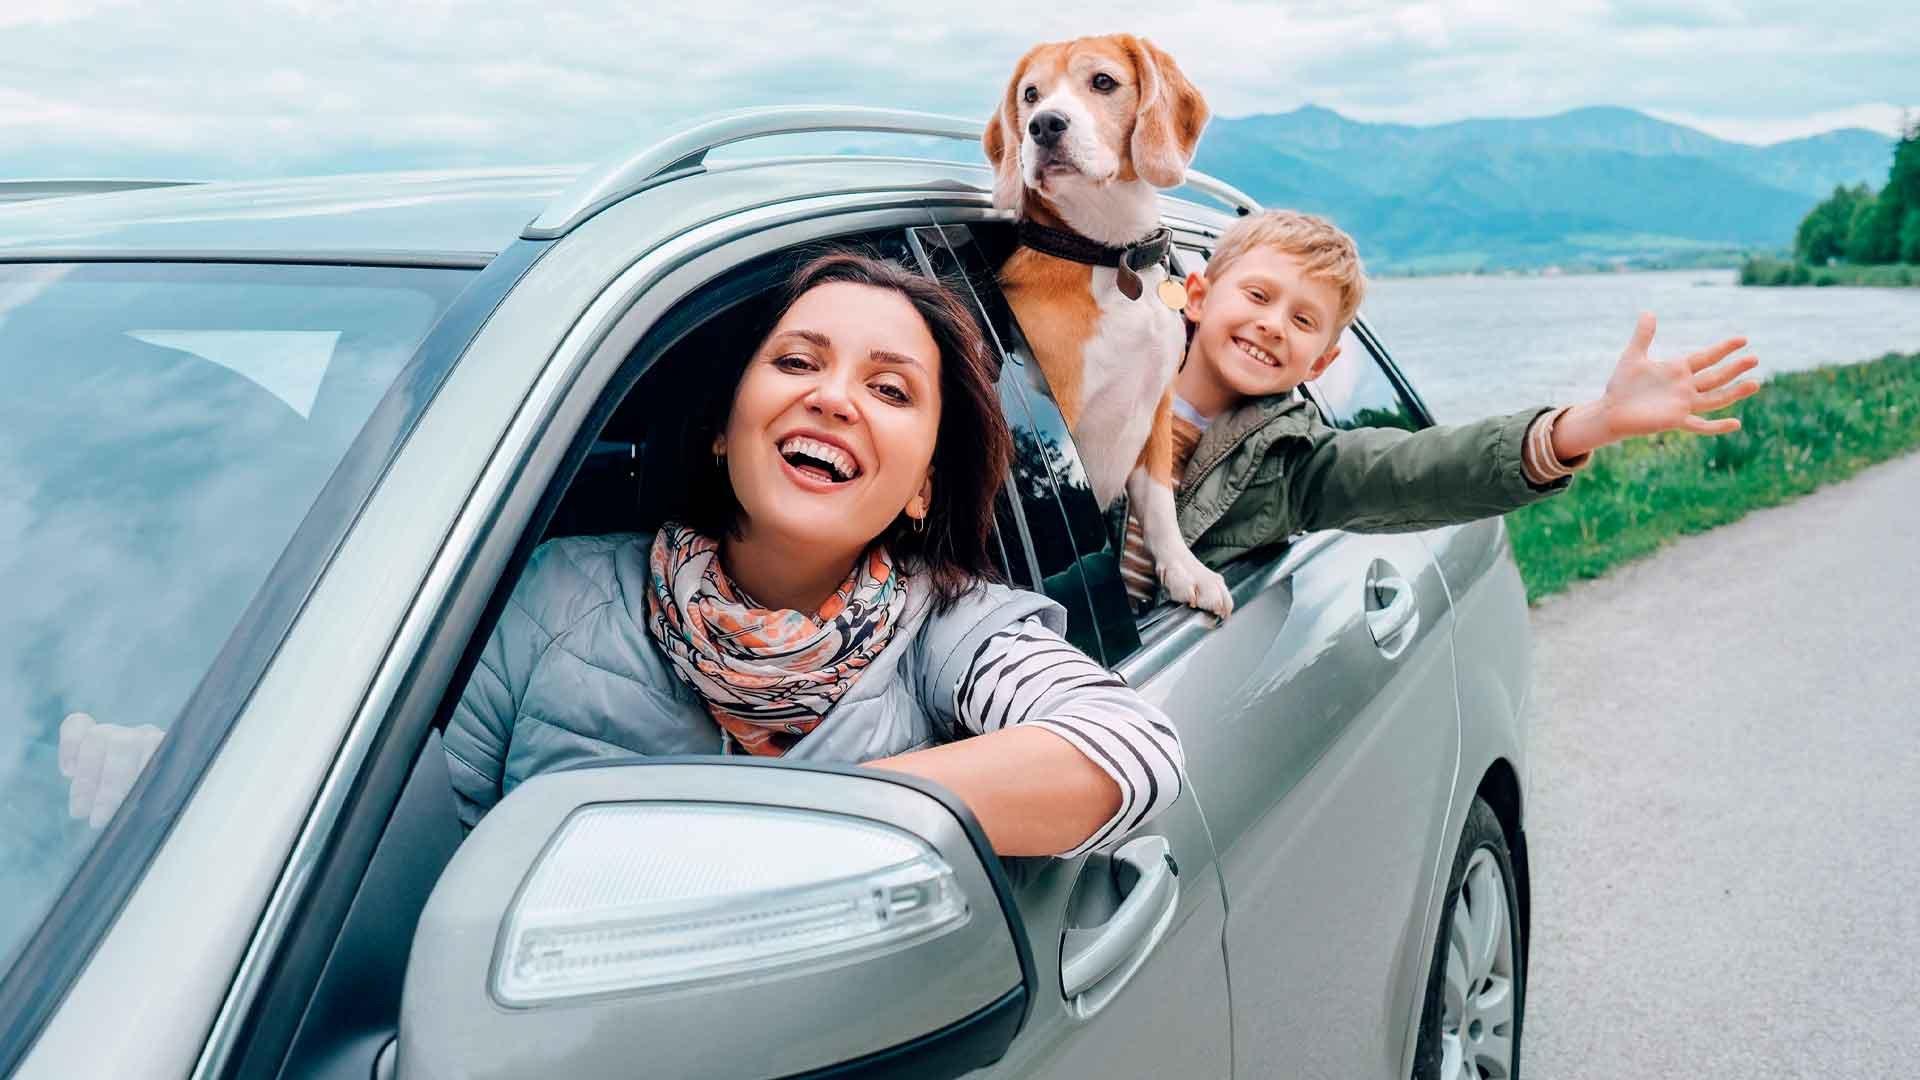 viajar-con-niños-y-perros-accesorios-para-el-coche